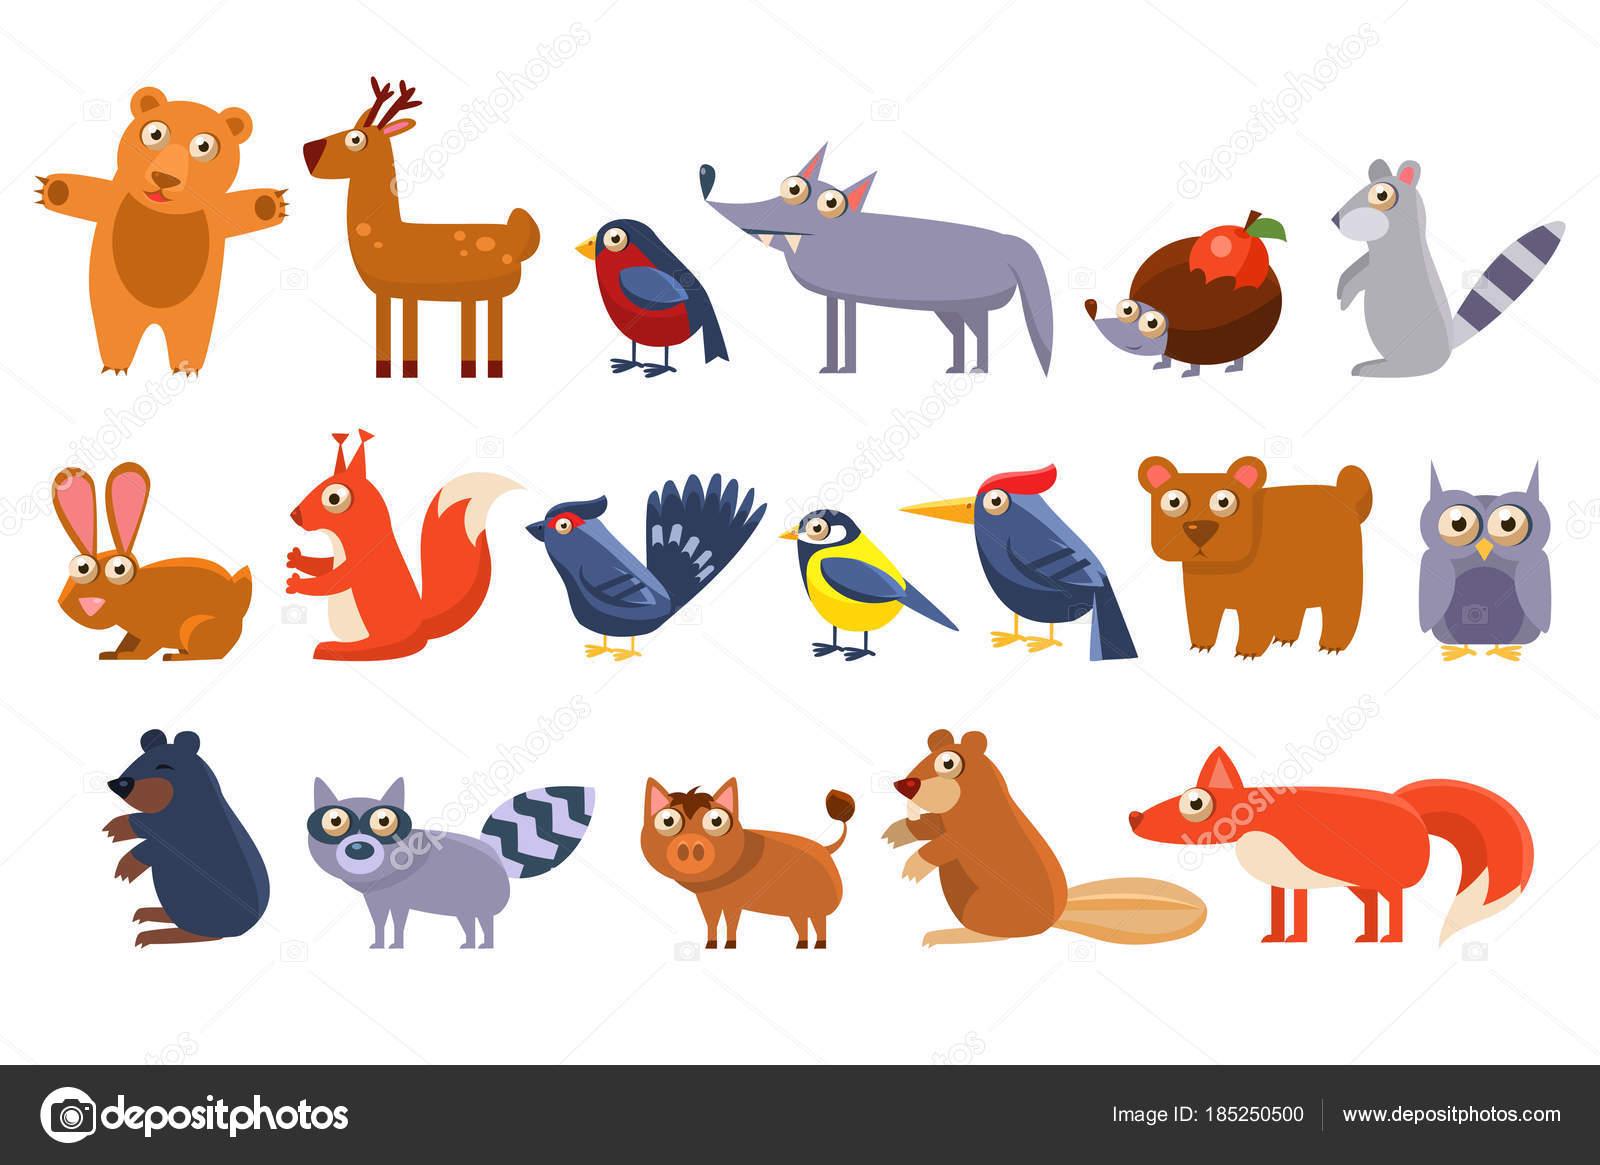 野生の森林動物セット、かわいい漫画熊、鳥、ハリネズミ、オオカミ